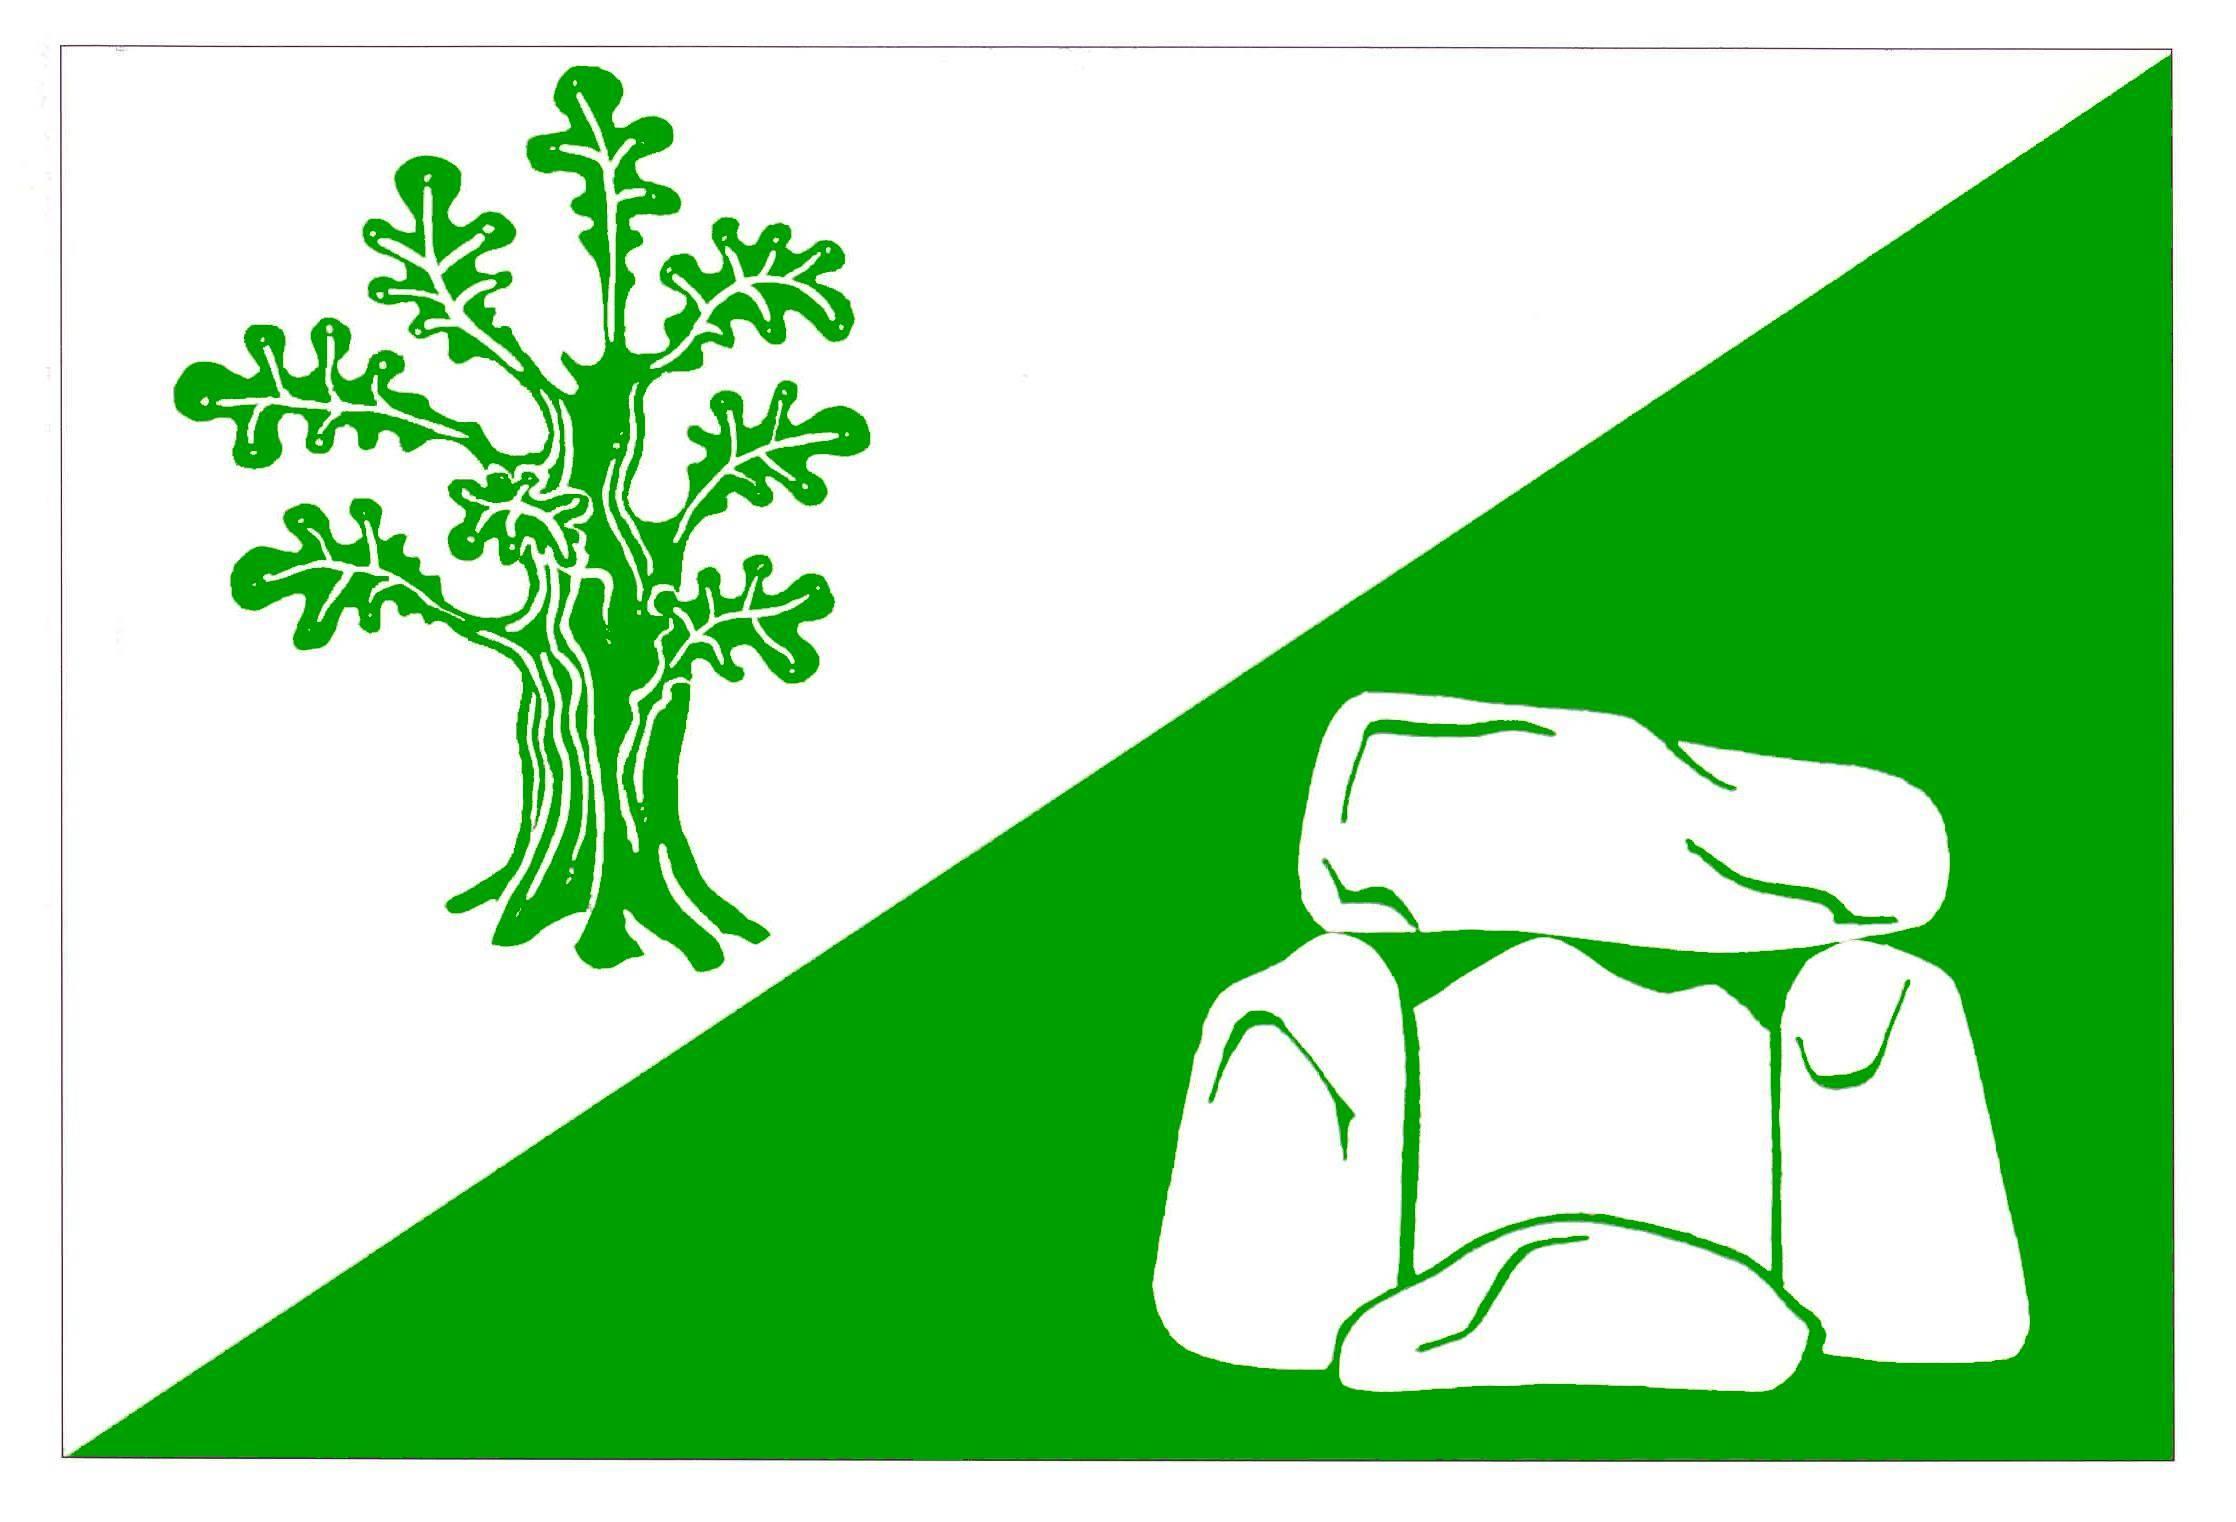 Flagge GemeindeHüsby, Kreis Schleswig-Flensburg